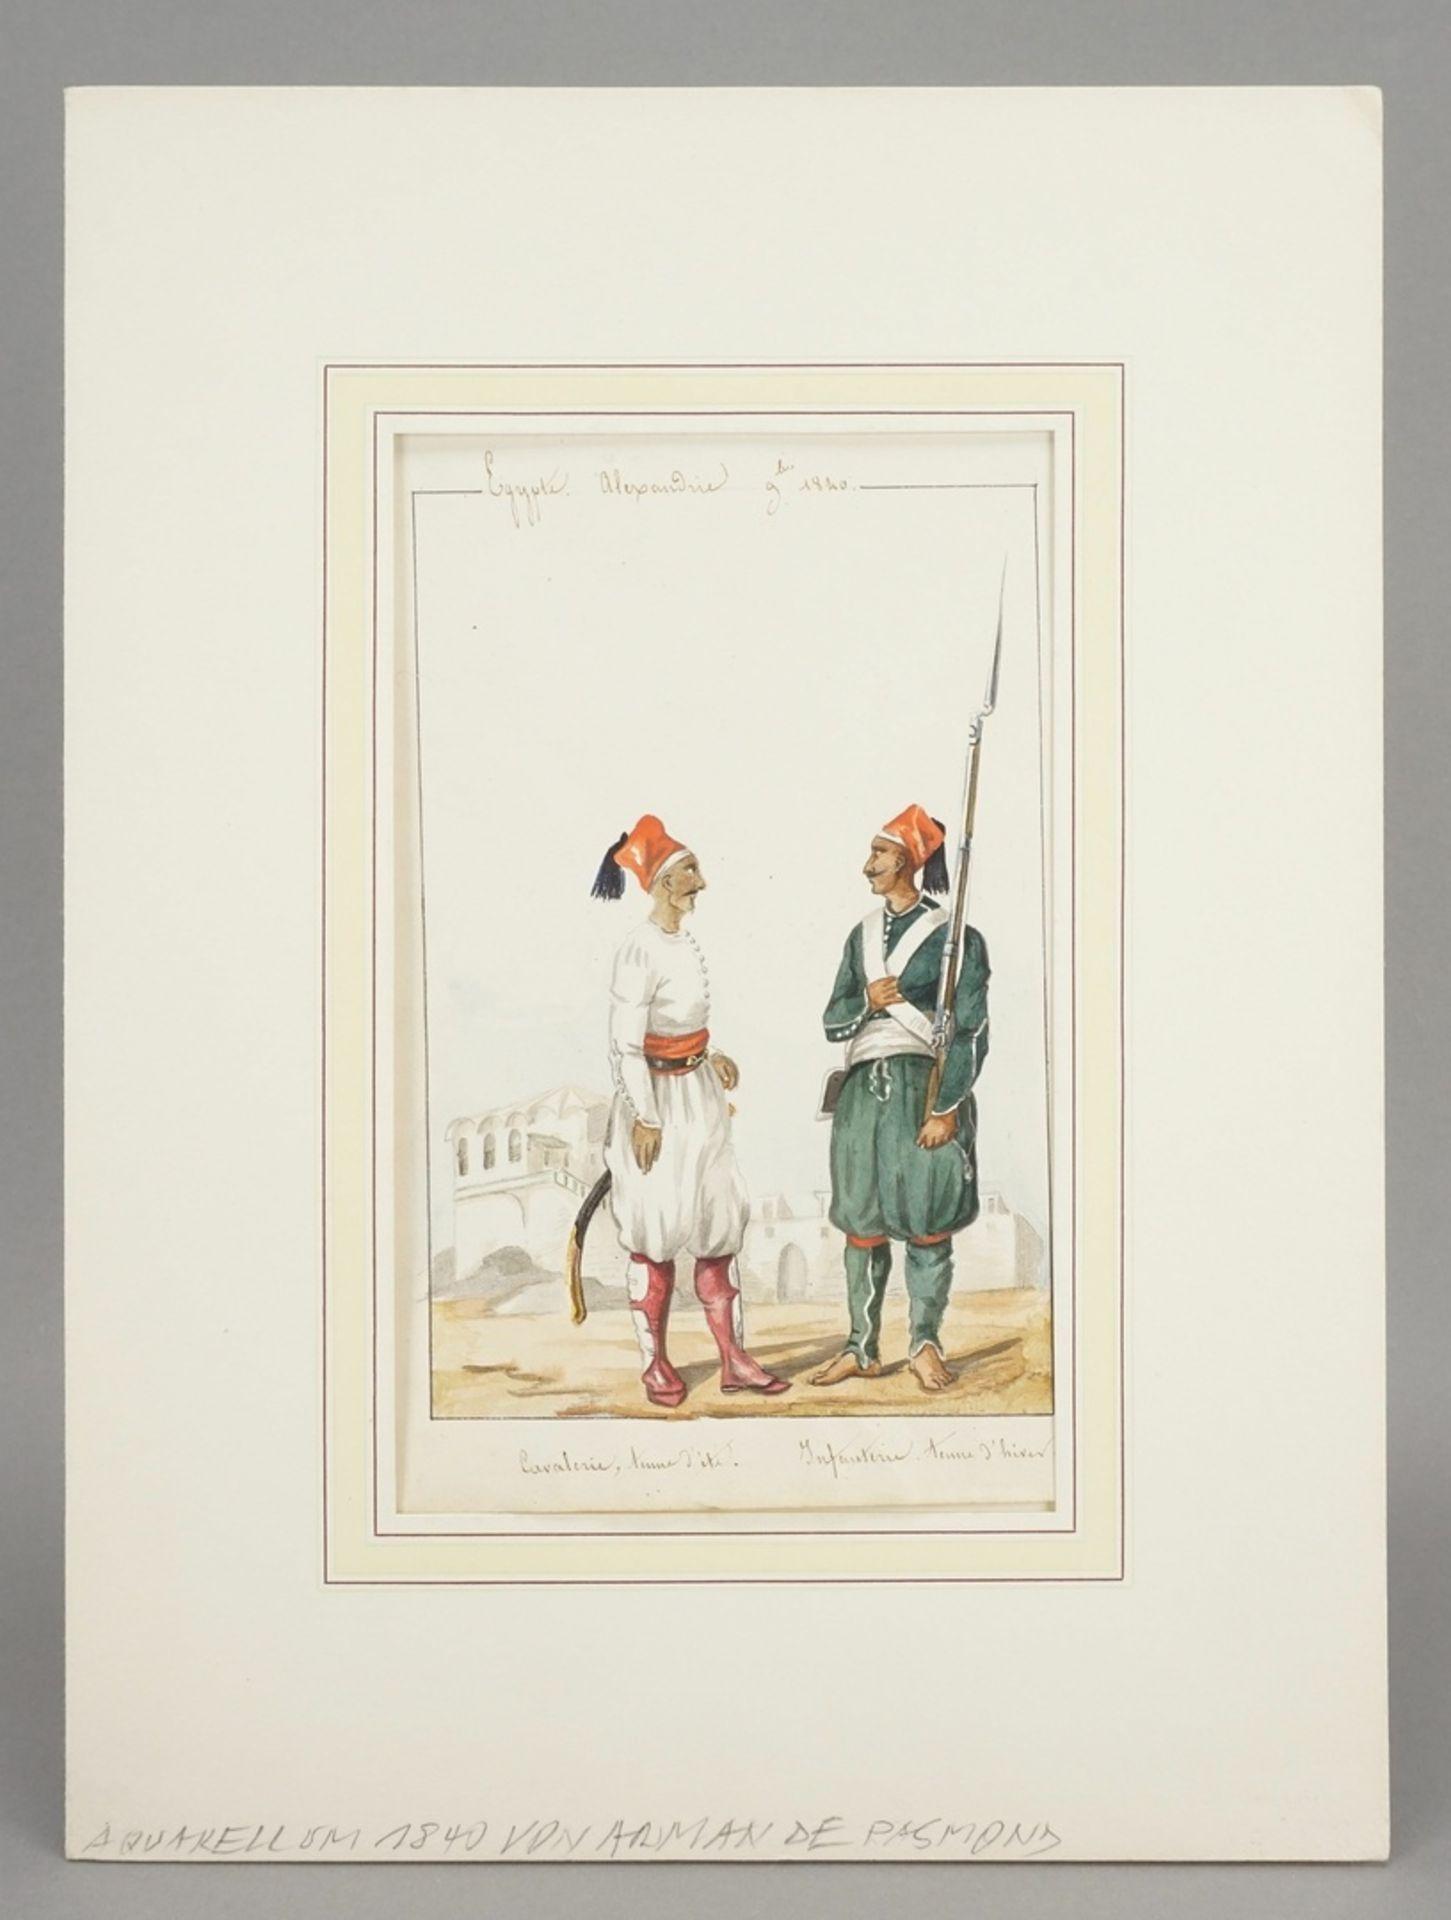 Arman de Pasmond, Ägyptische Soldaten - Bild 2 aus 2